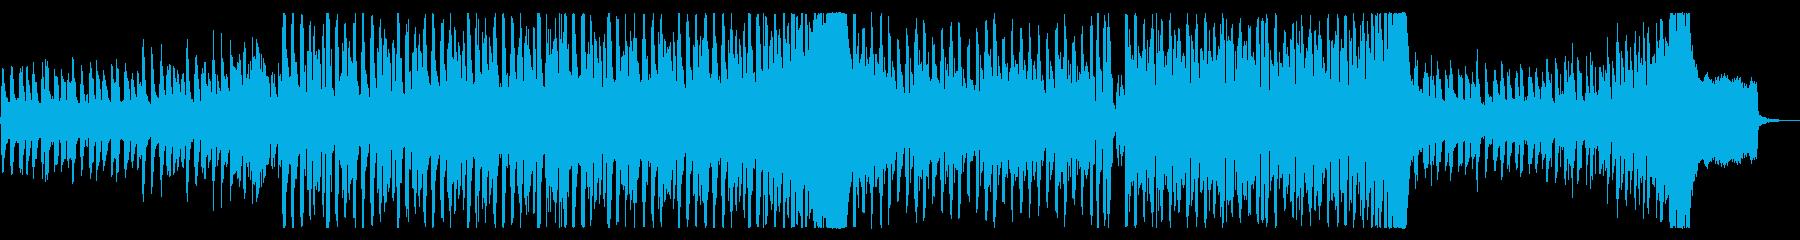 心弾むリズミカルなテクノポップの再生済みの波形